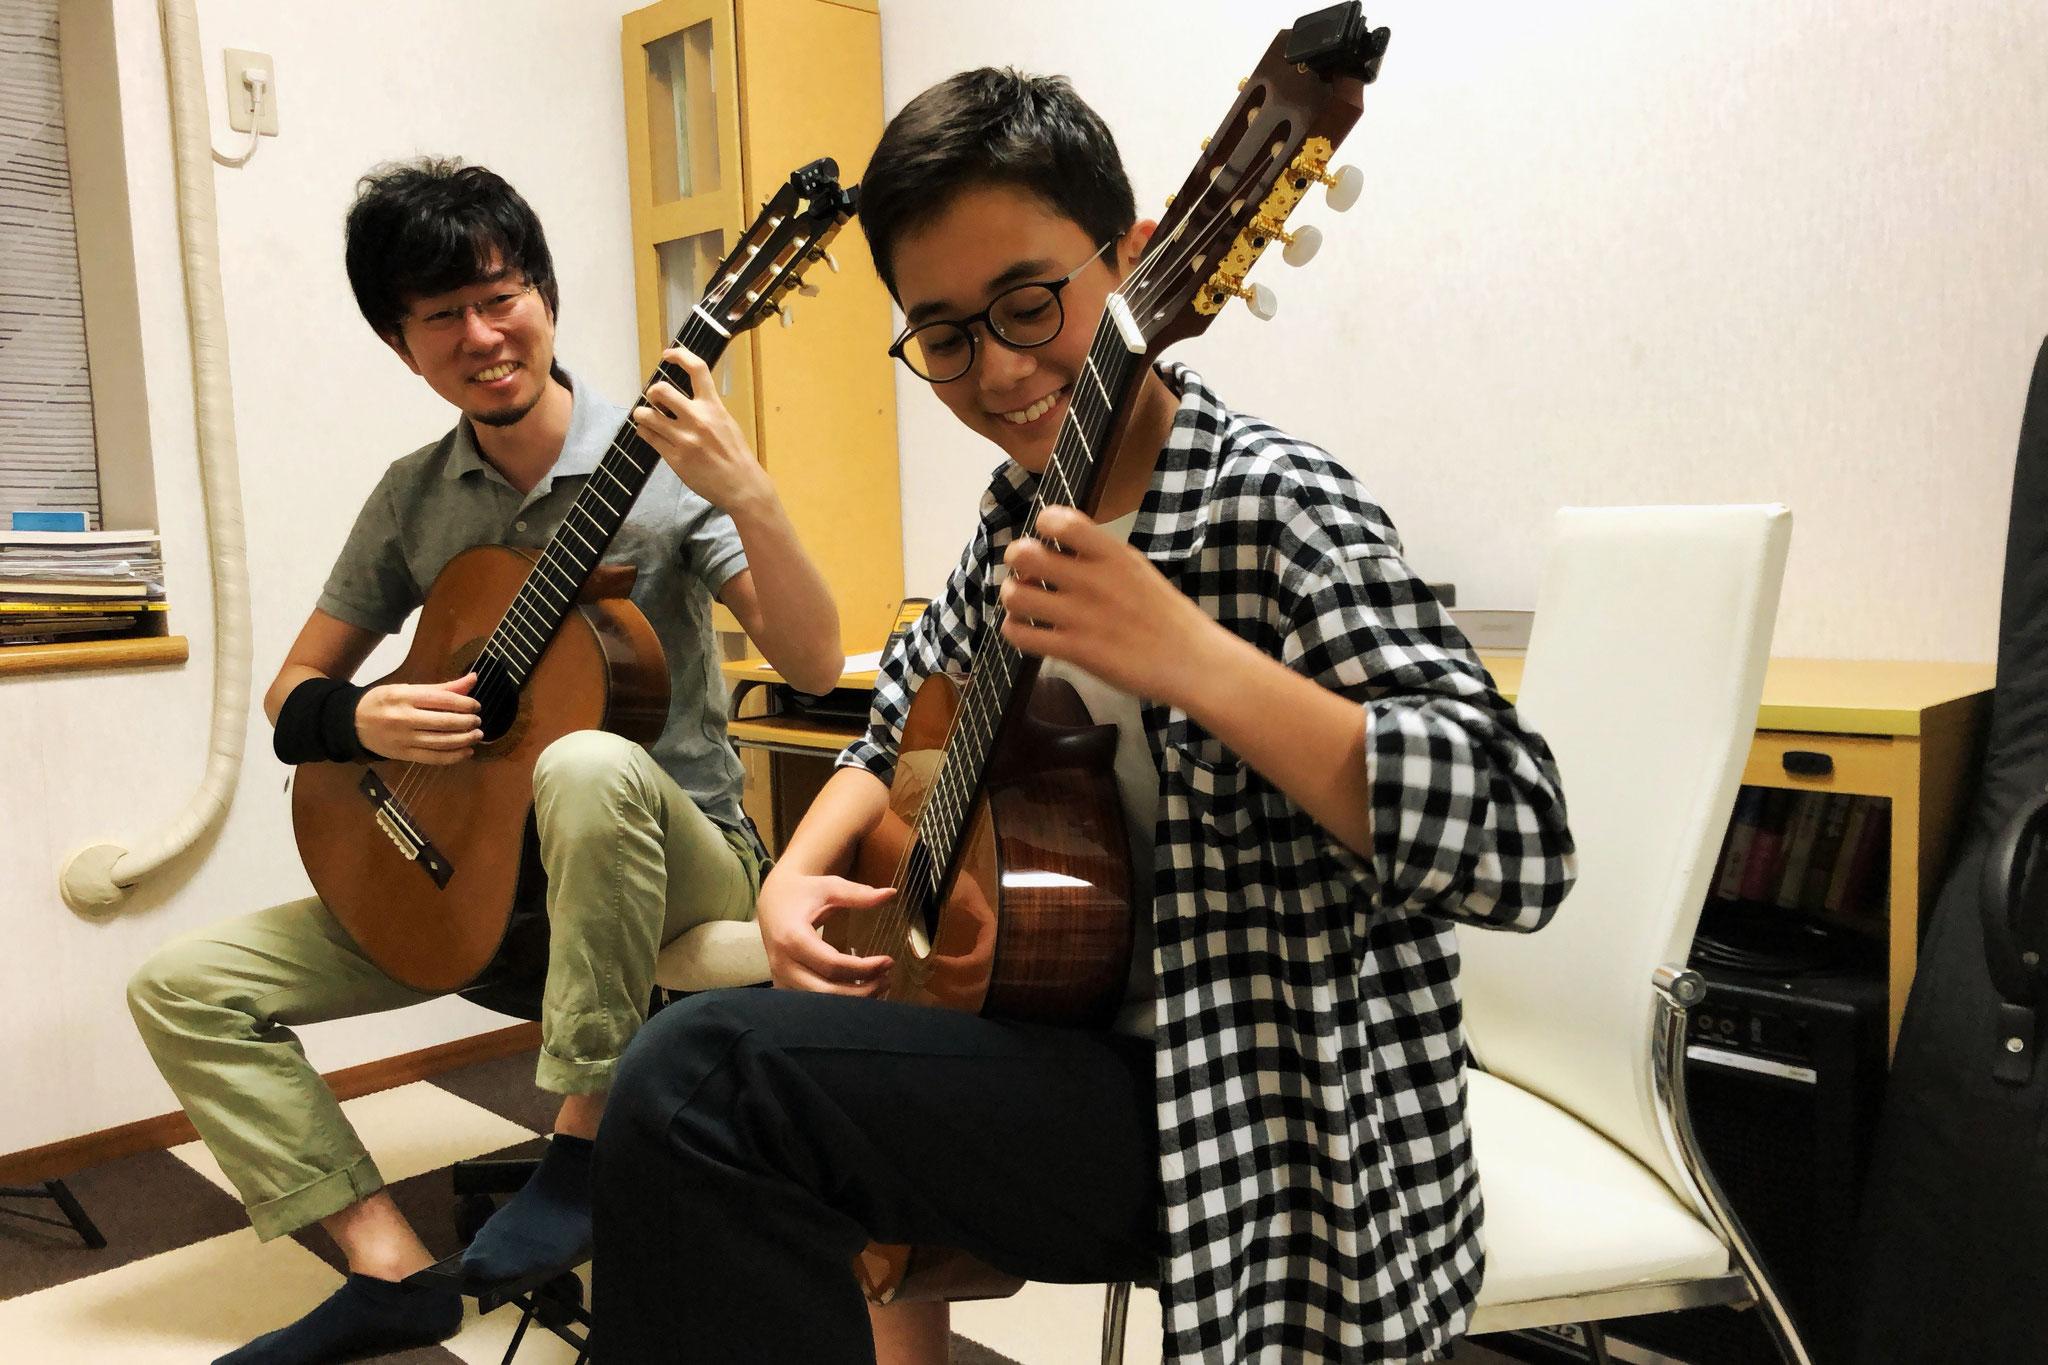 クラシックギター 目標はソルの魔笛を弾けるようになること!